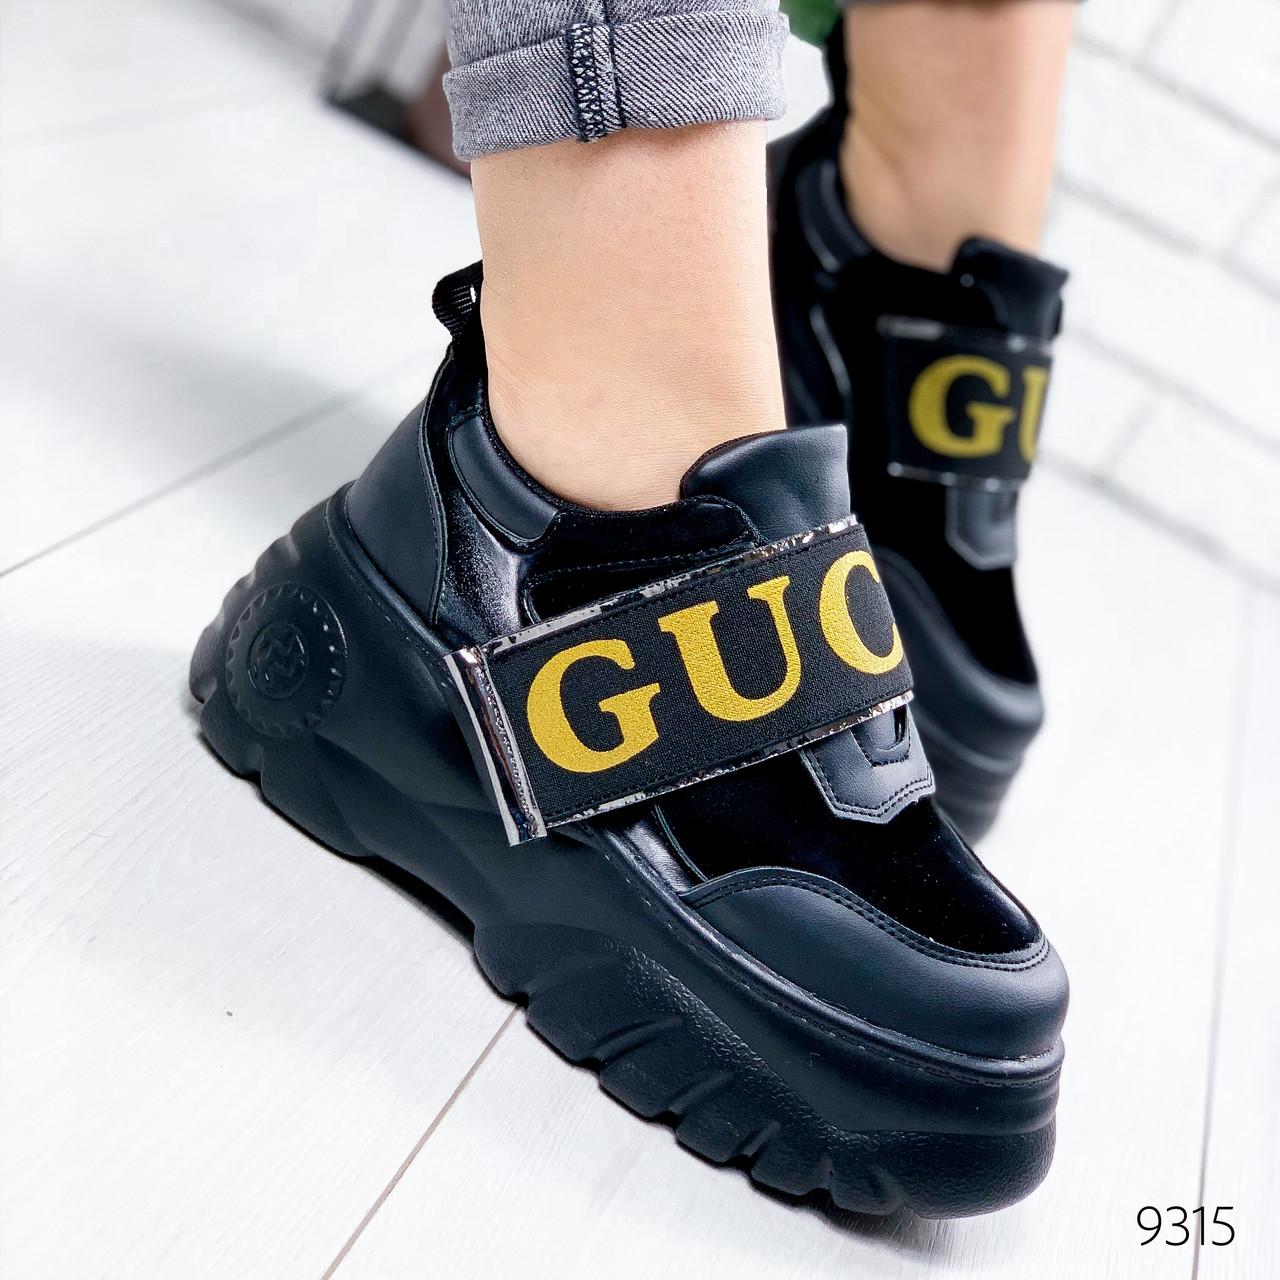 Кроссовки женские с стиле Gucci черный 9315